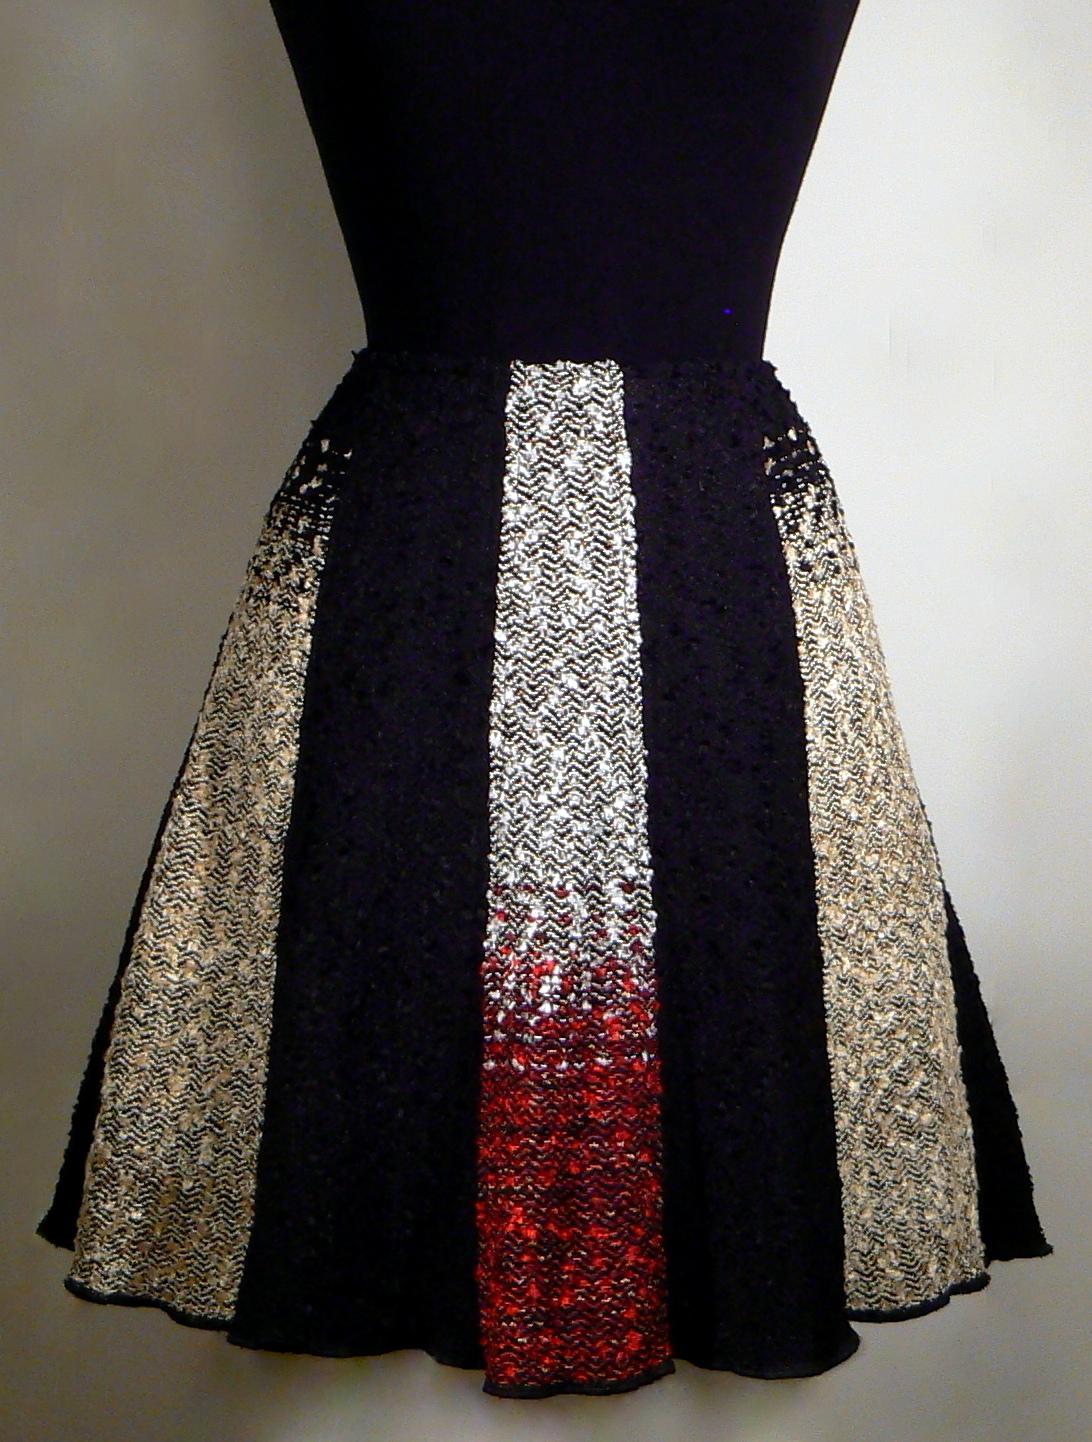 Handwoven Skirt, Kathleen Weir-West 5.JPG